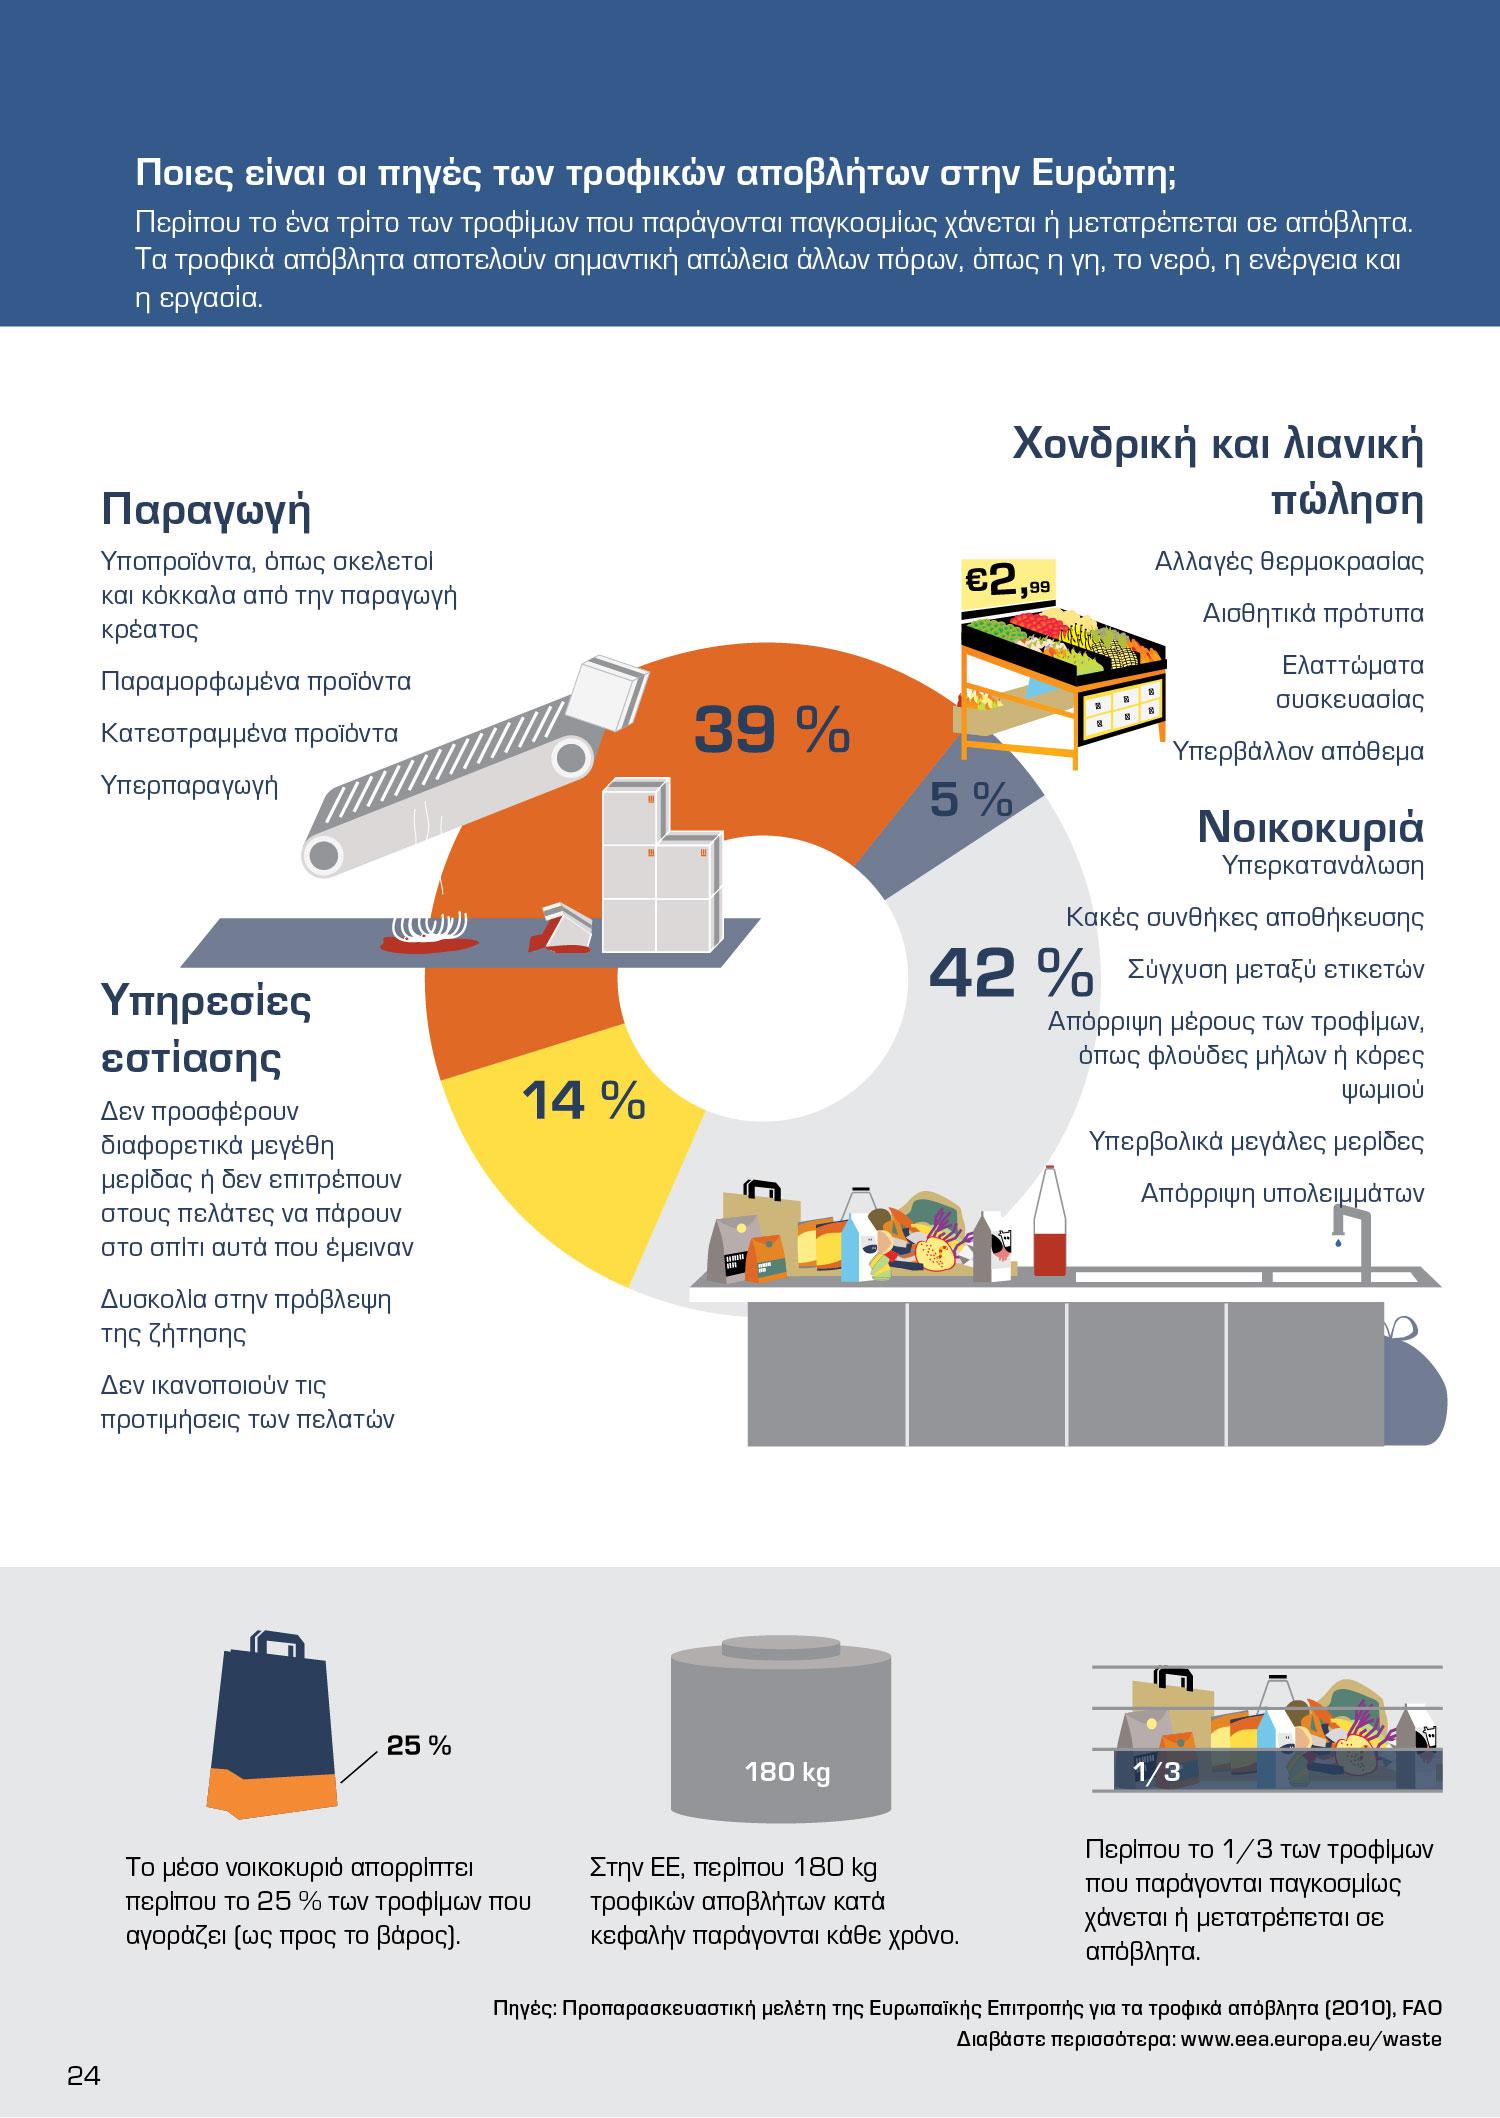 Ποιες είναι οι πηγές των τροφικών αποβλήτων στην Ευρώπη;